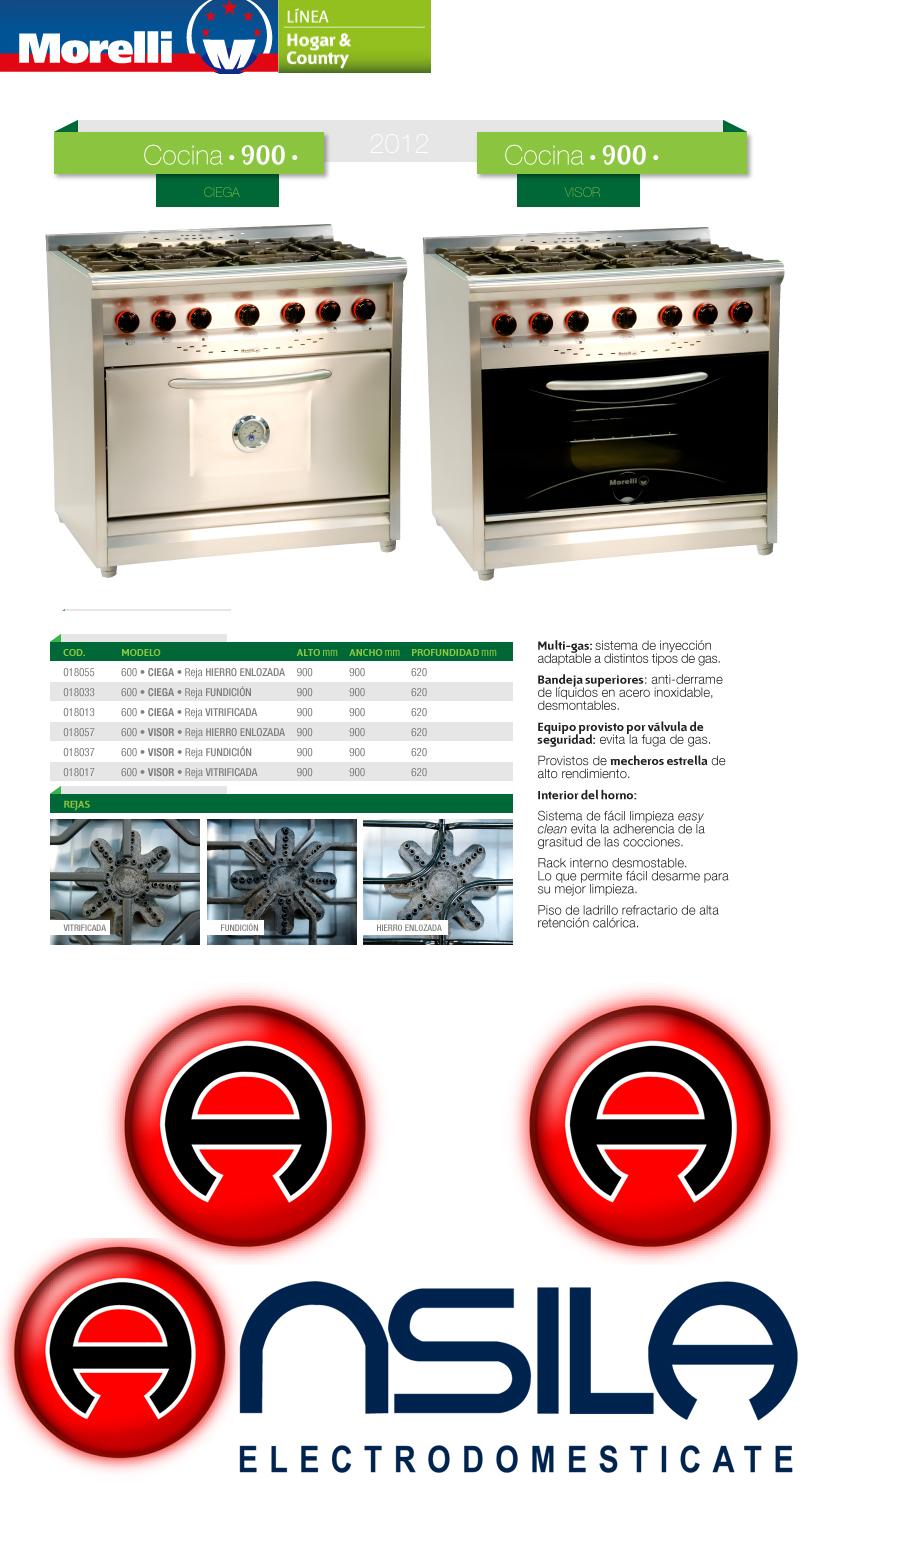 Cocina industrial morelli images - Cocina industrial ...